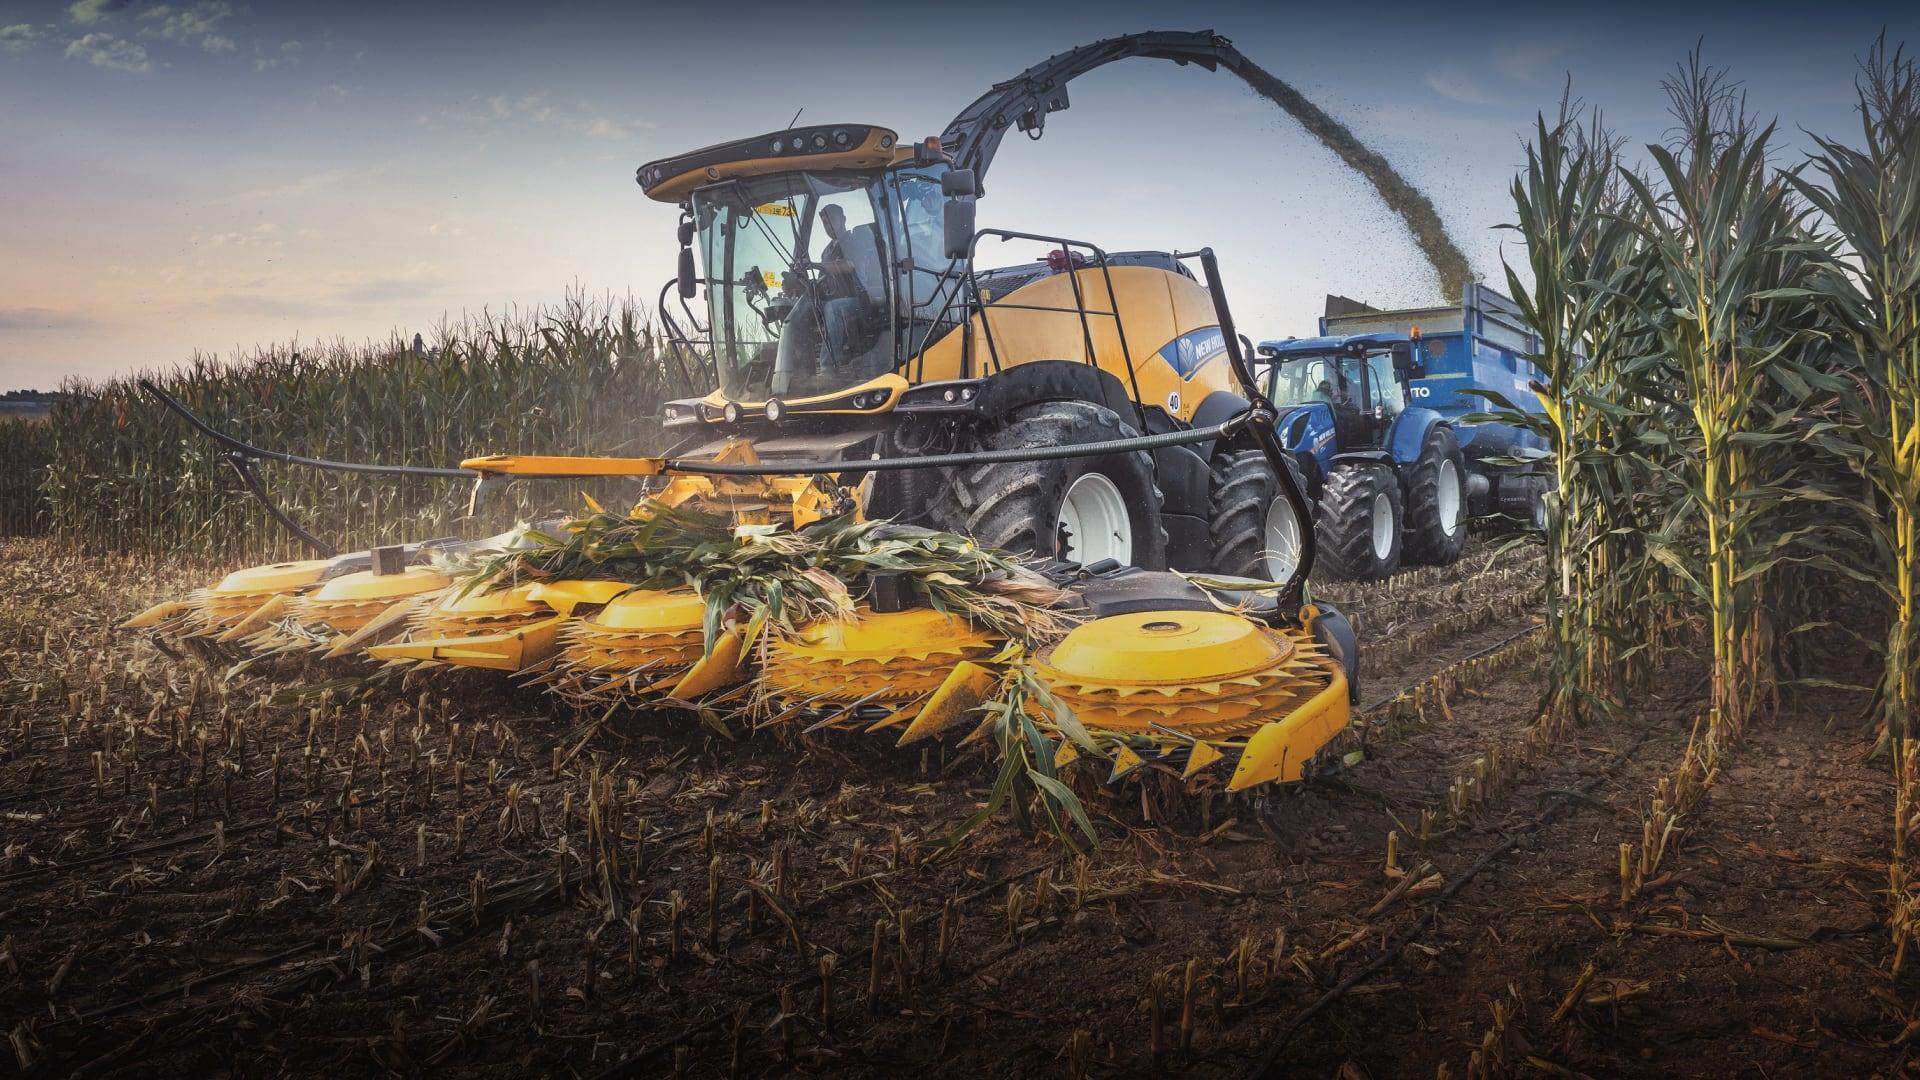 Отзывы сельхозпроизводителей о кормоуборочных комбайнах серии New Holland FR